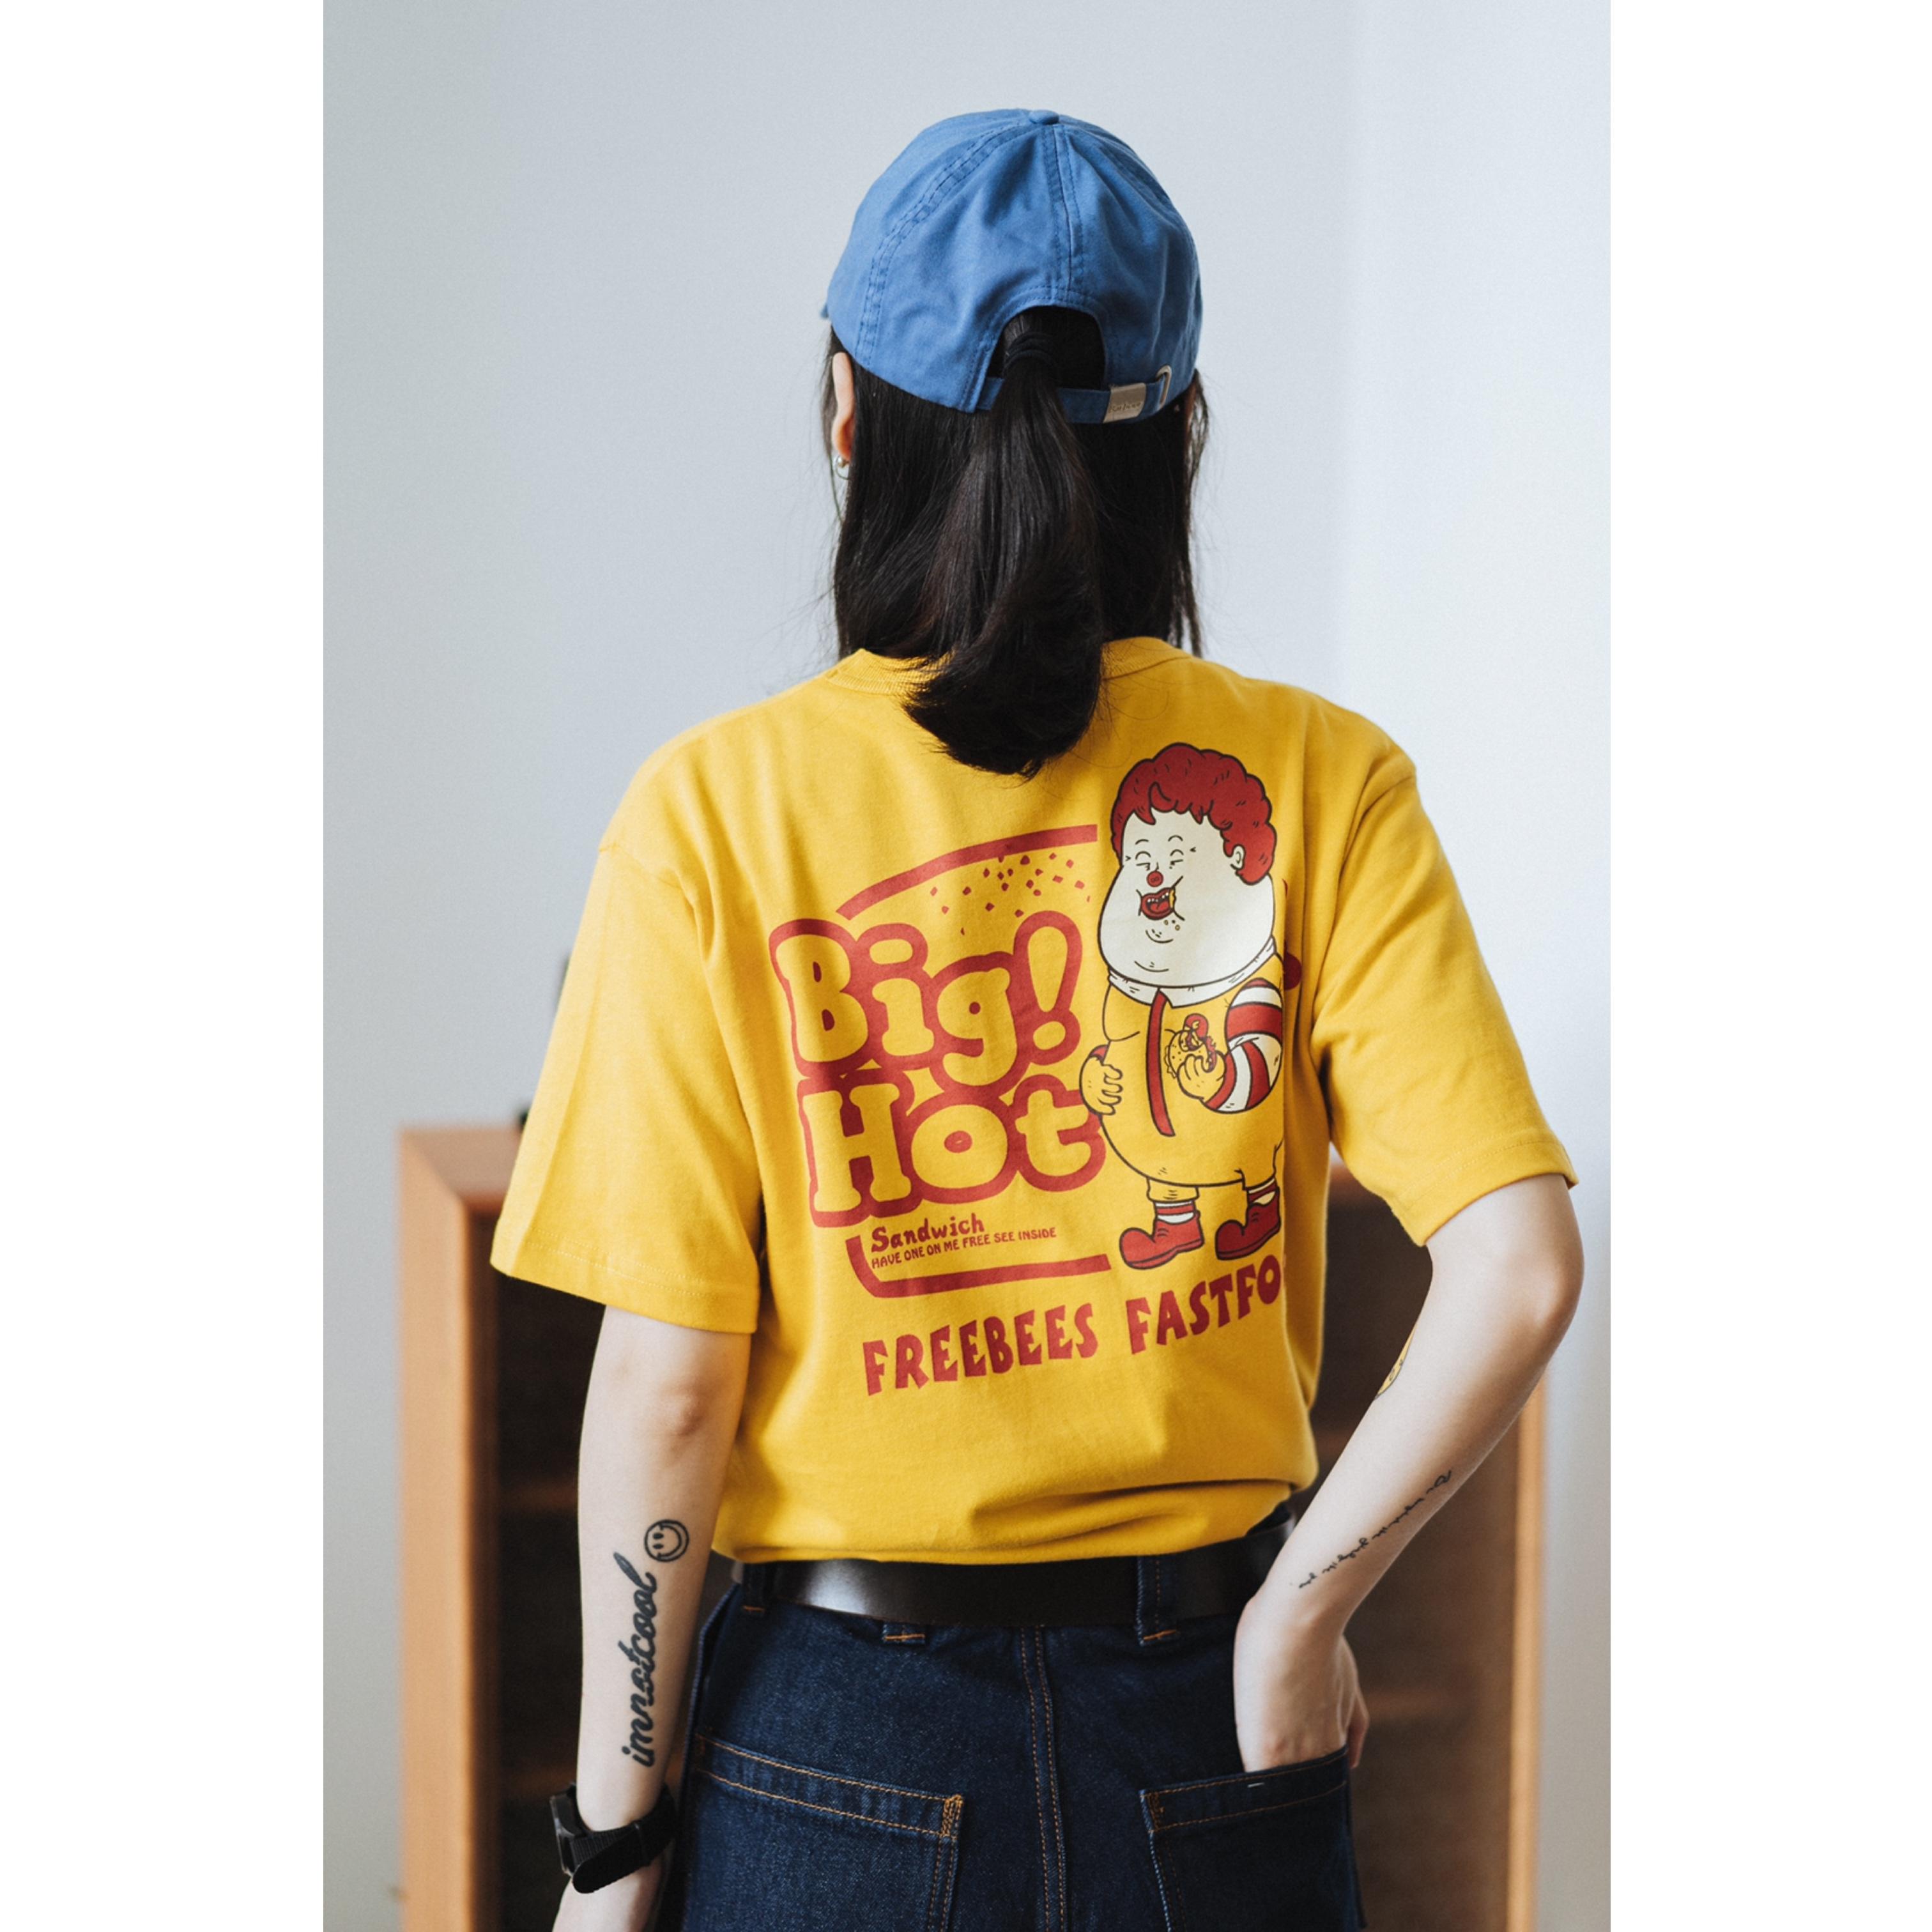 Пуловеры для малышей с длинным рукавом Артикул 596740170177